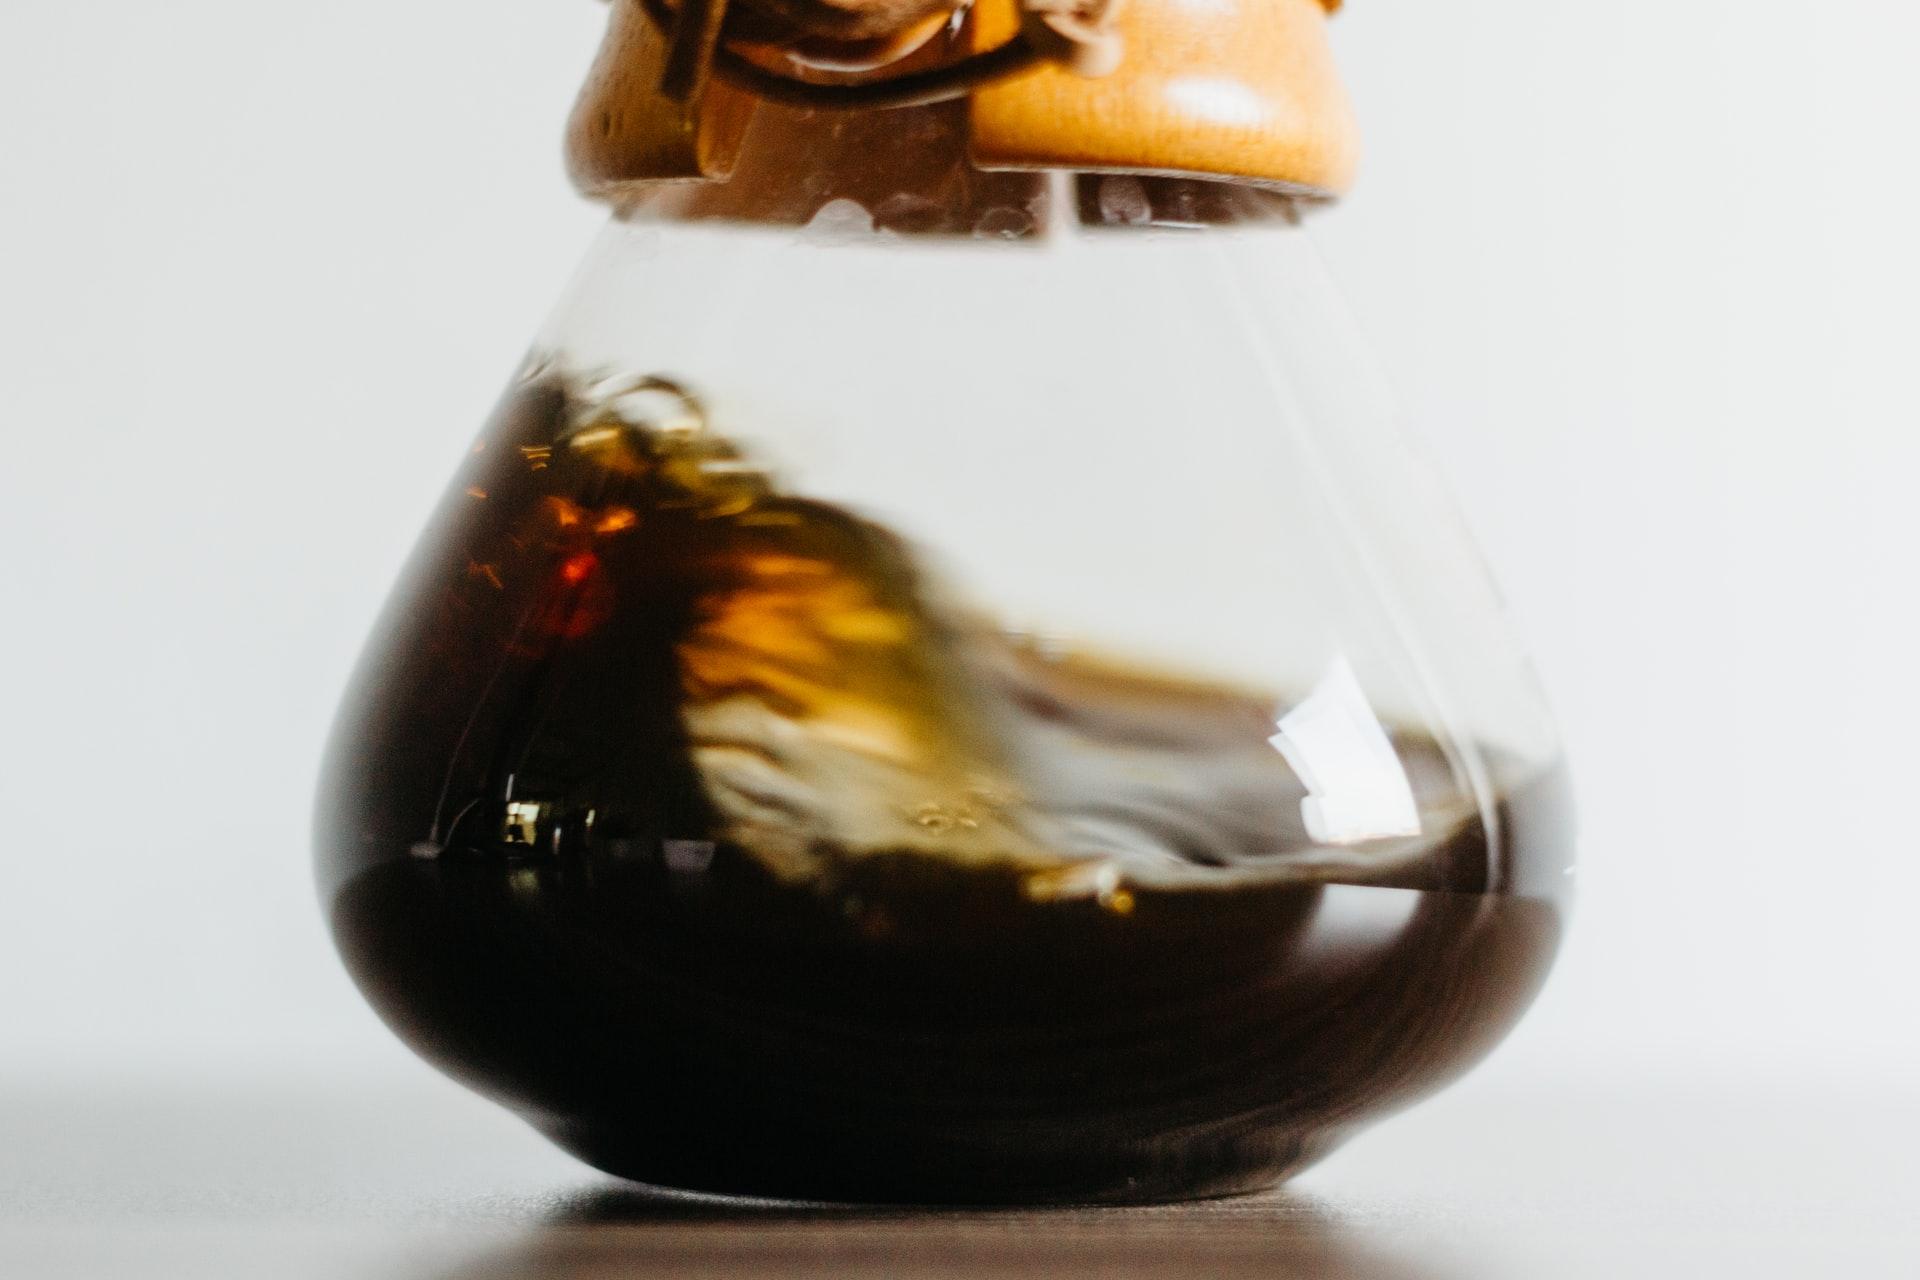 ce reprezinta cafeaua decofeinizata